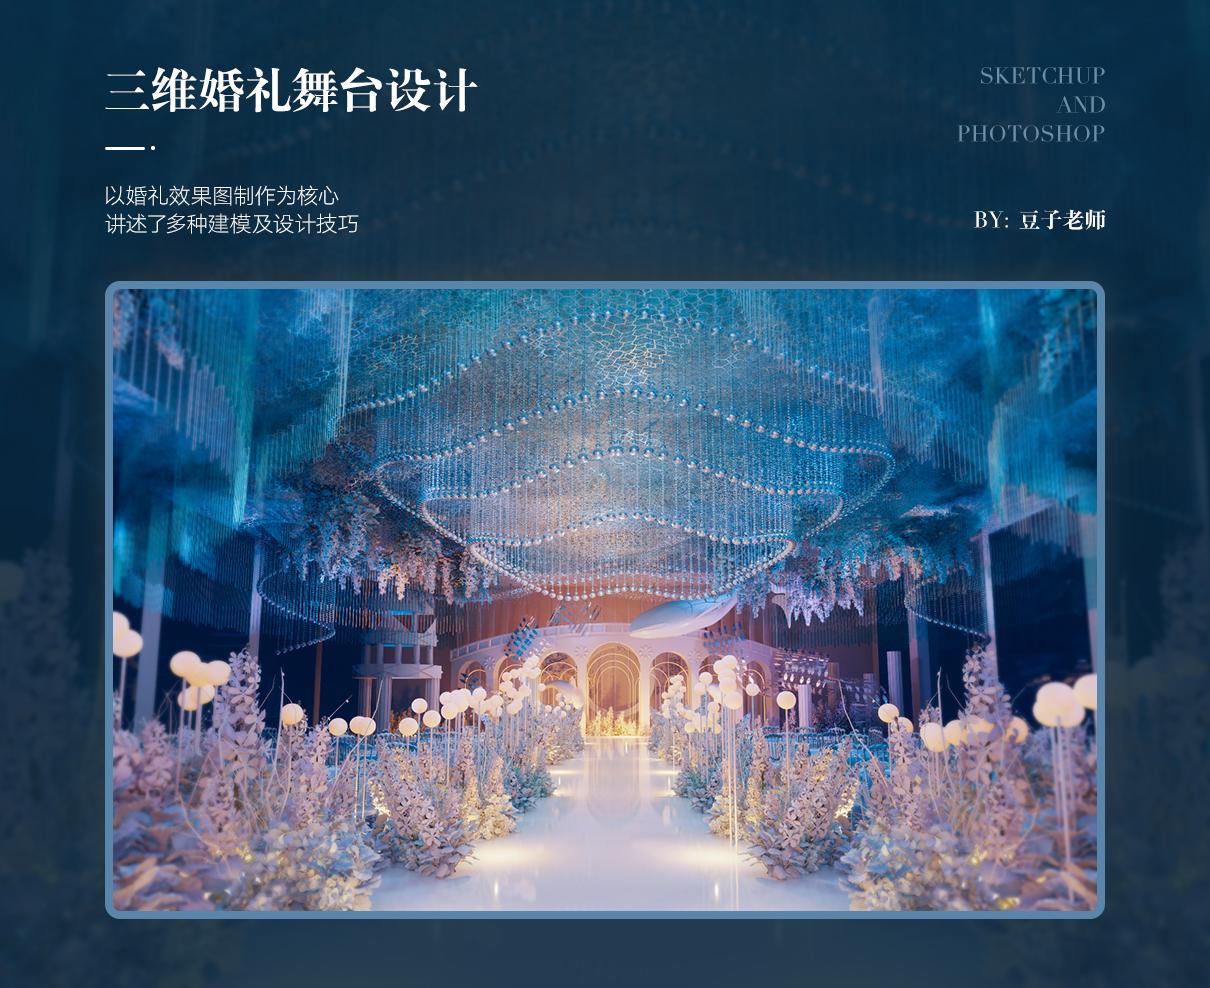 亲自设计一场梦中婚礼.jpg